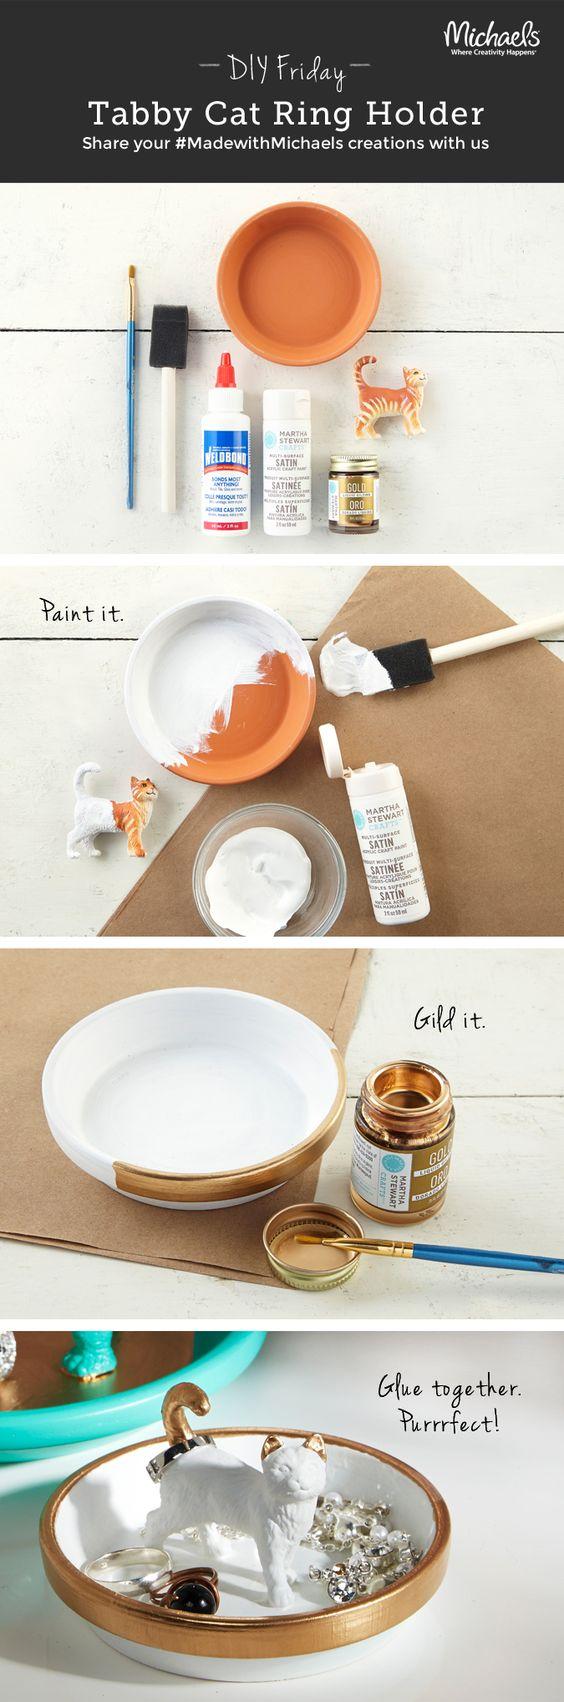 DIYFriday DIY Tabby Cat Ring Holder #DIY #crafts: